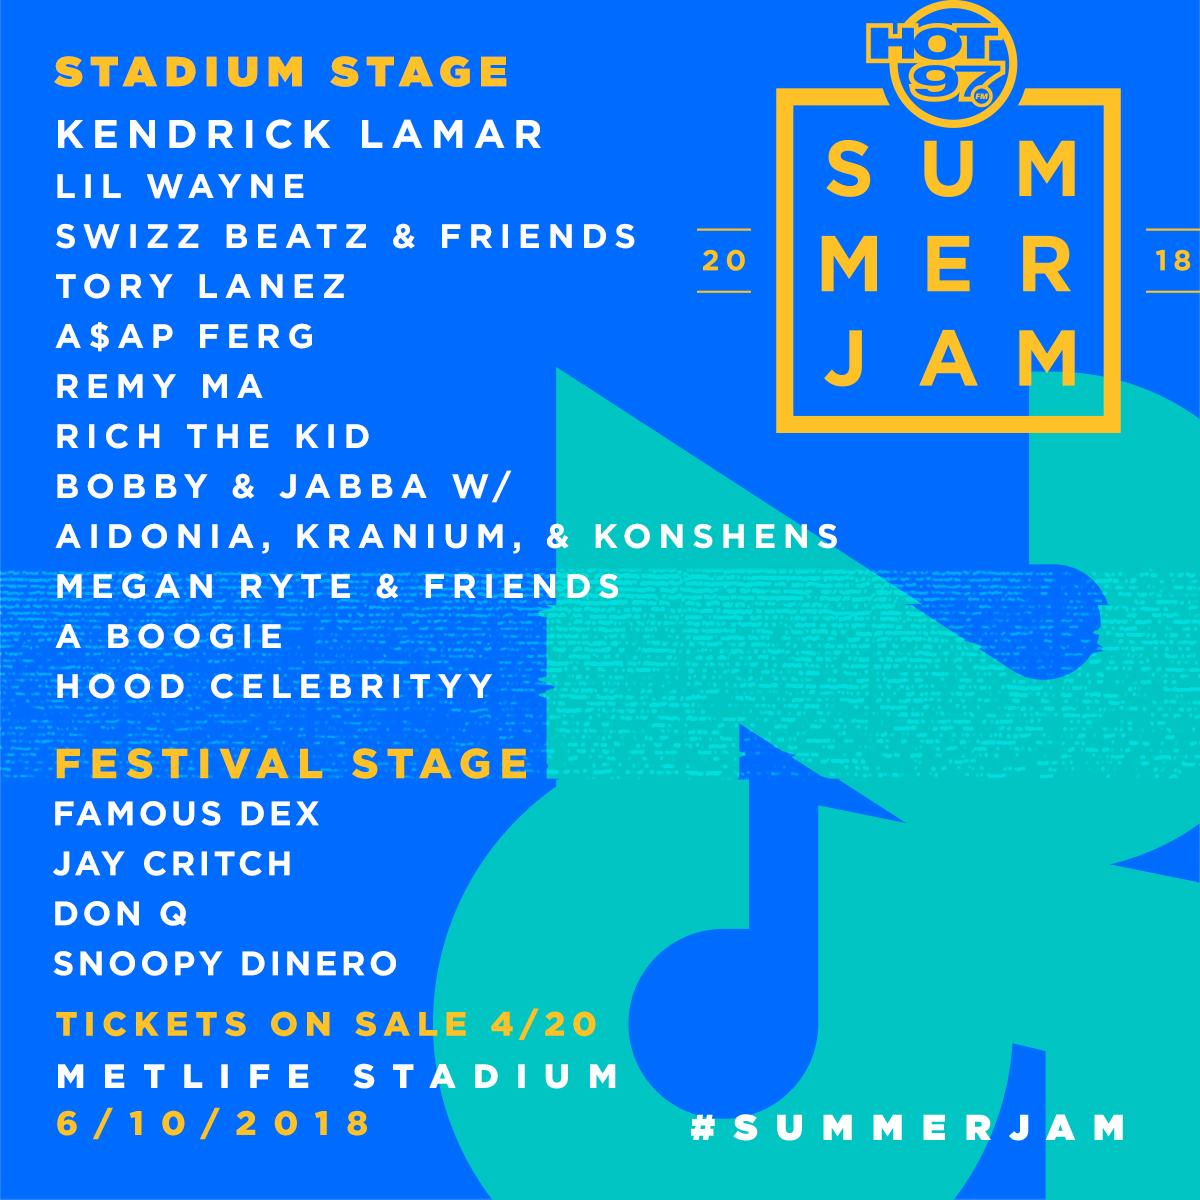 Hot 97 Summer Jam lineup